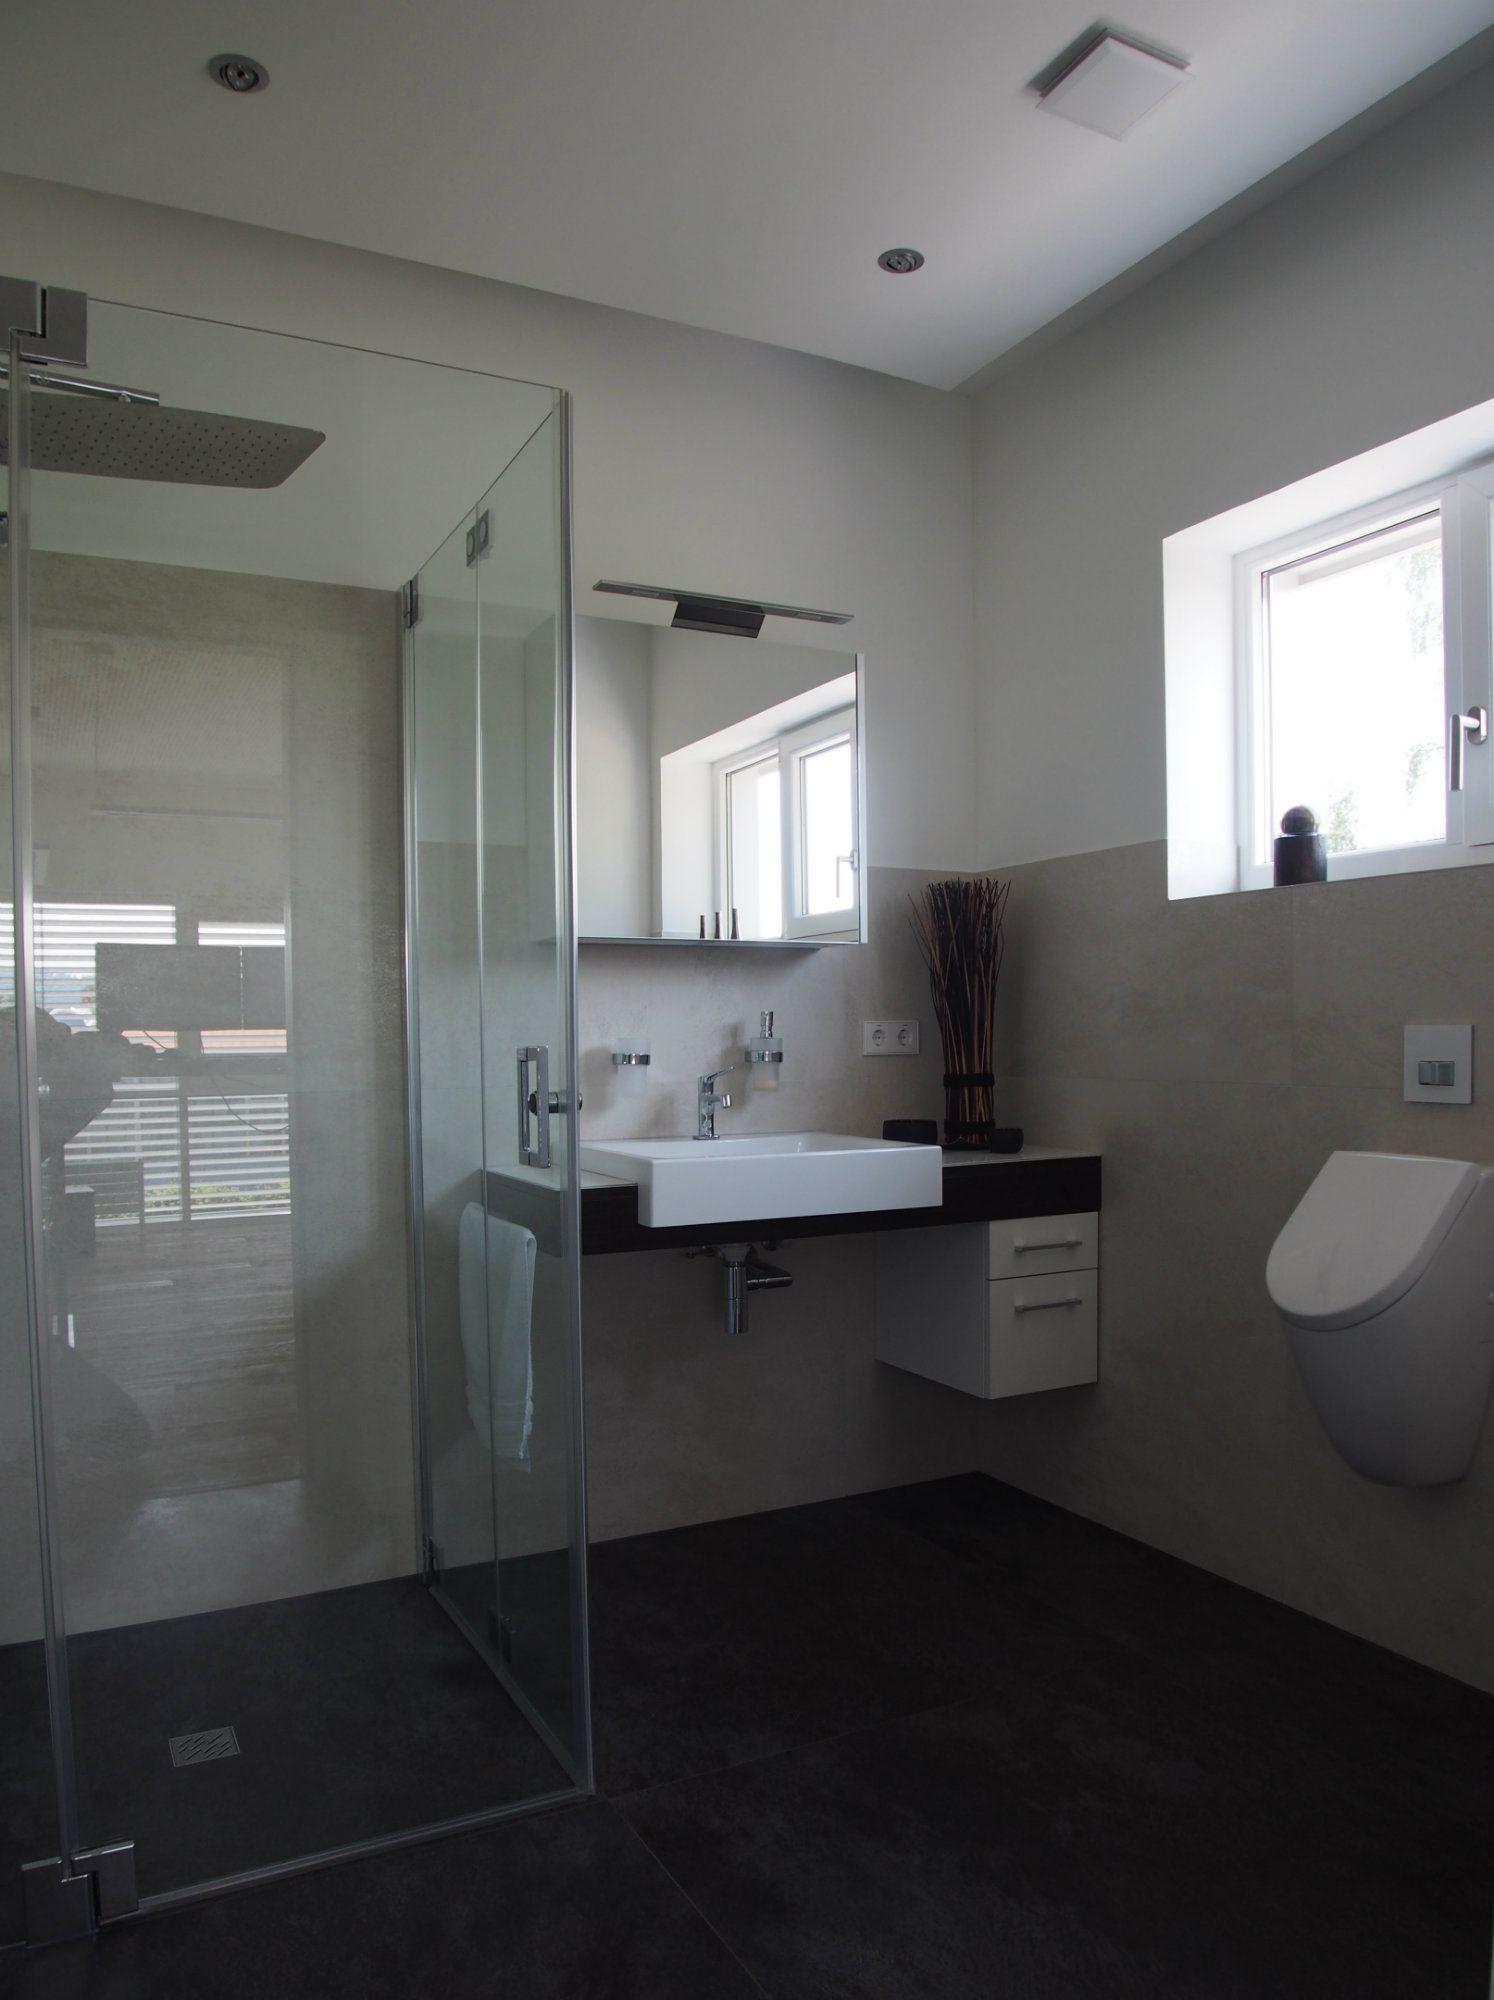 Badezimmer design malta siemsee schiemsee on pinterest